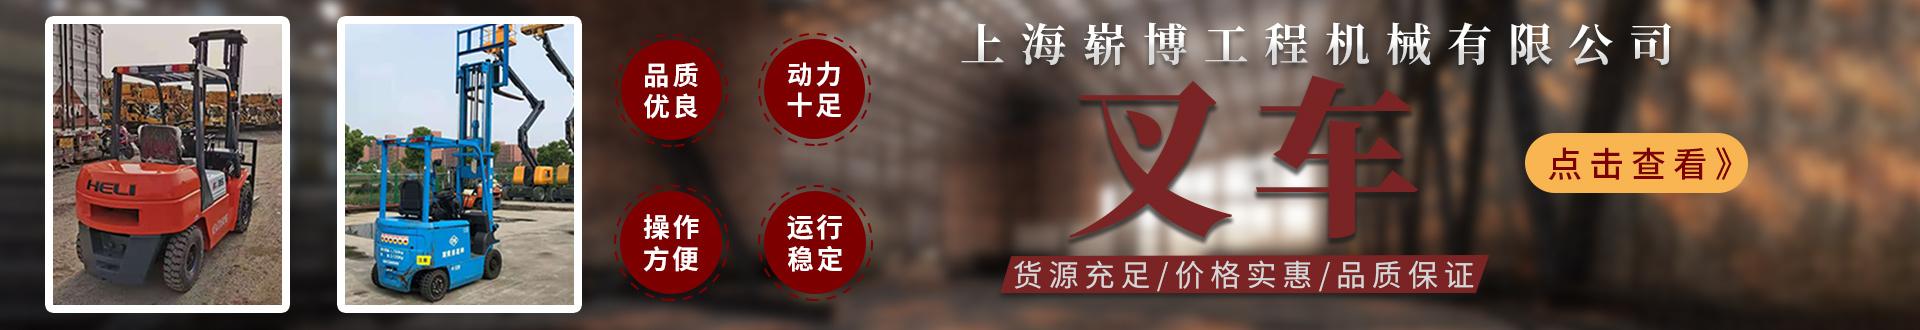 上海崭博工程机械有限公司